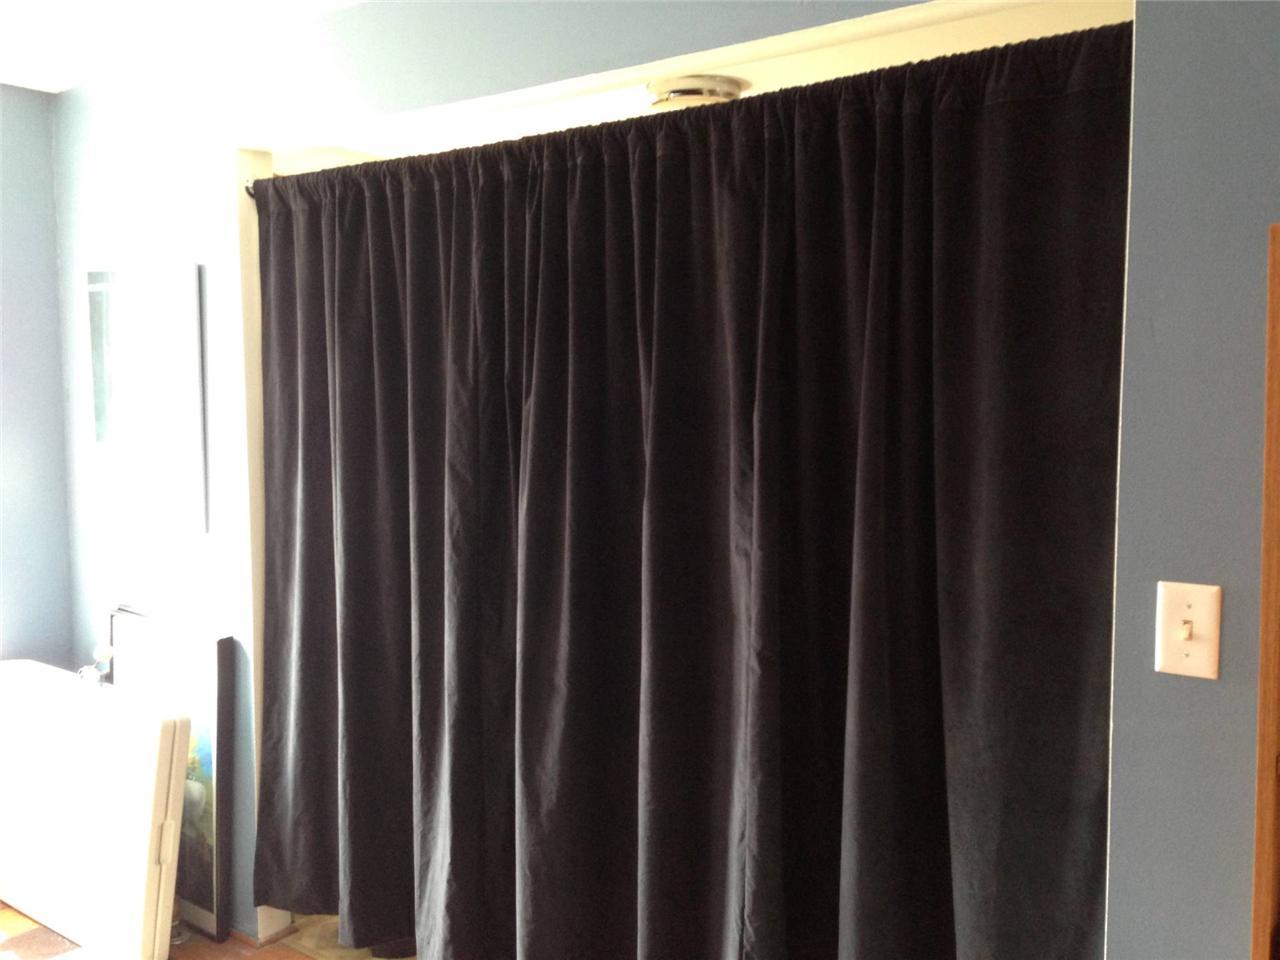 black long theater stage sound dampening drapes velvet. Black Bedroom Furniture Sets. Home Design Ideas